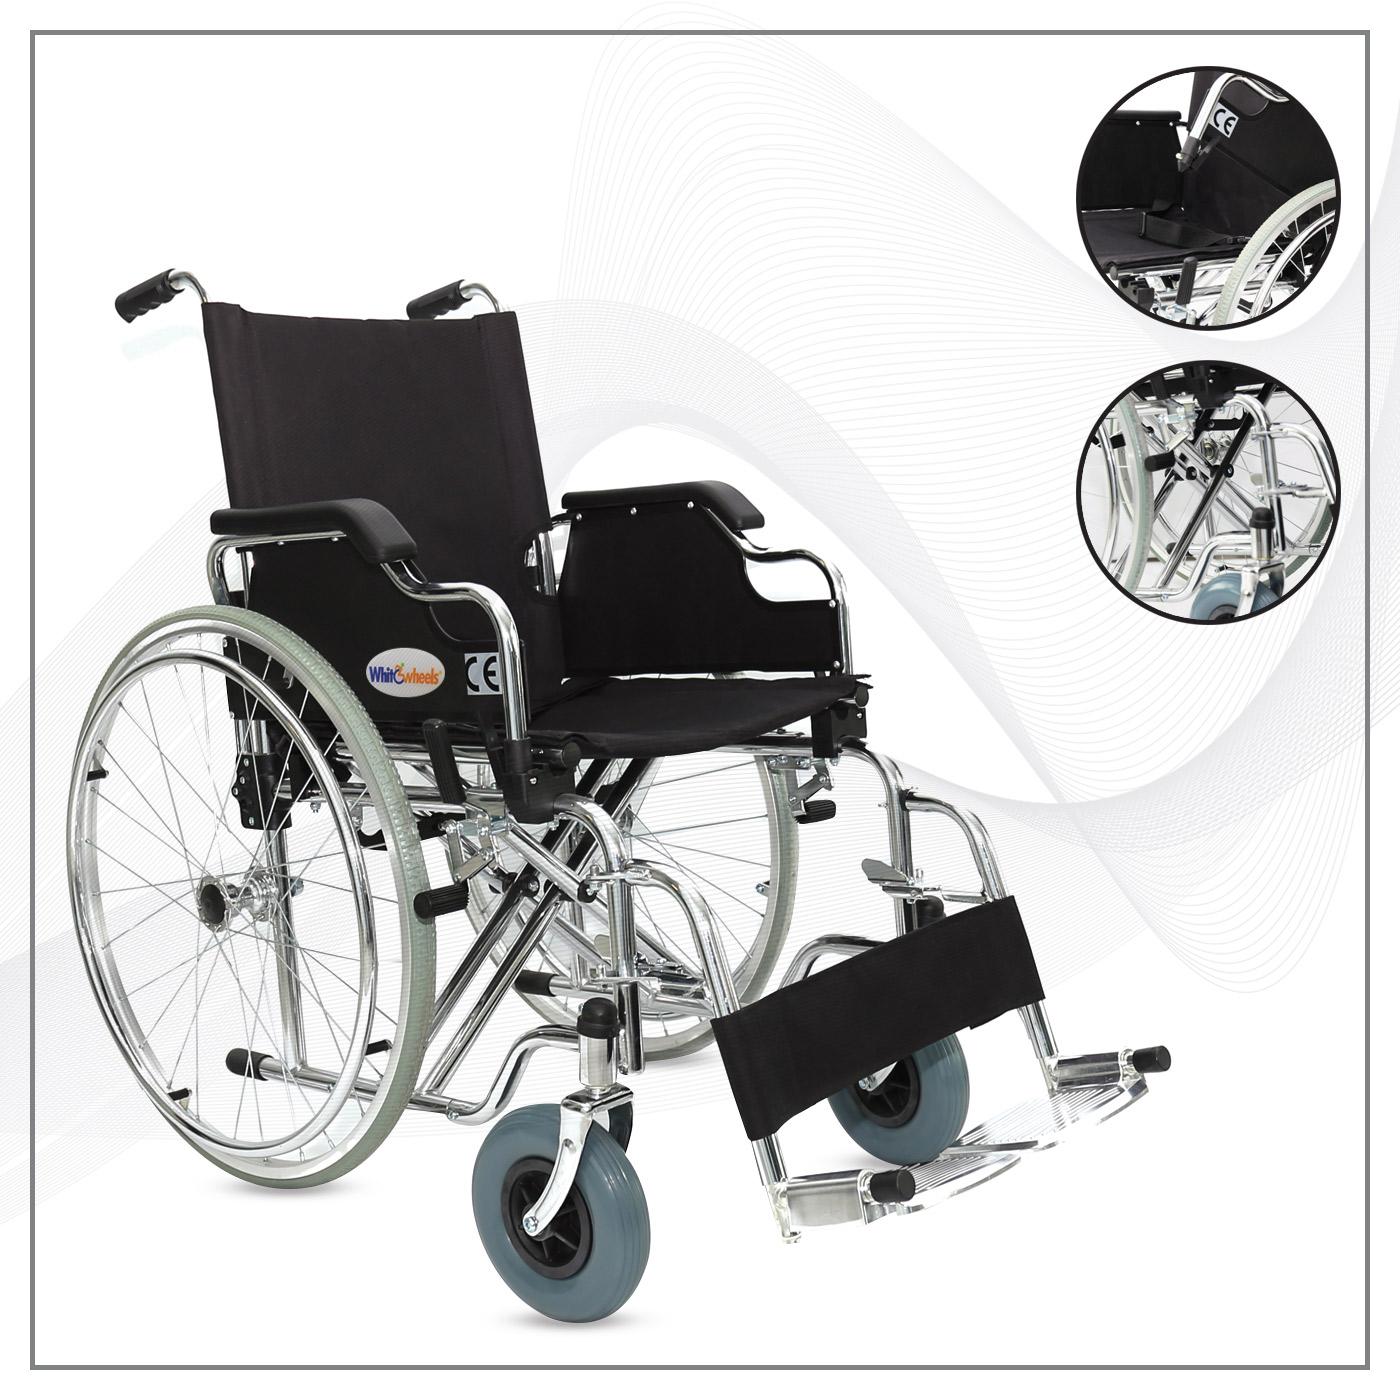 bc Tıp Sağlık Tekerlekli Sandalye ve Oturaklar AL 08-04 A KD